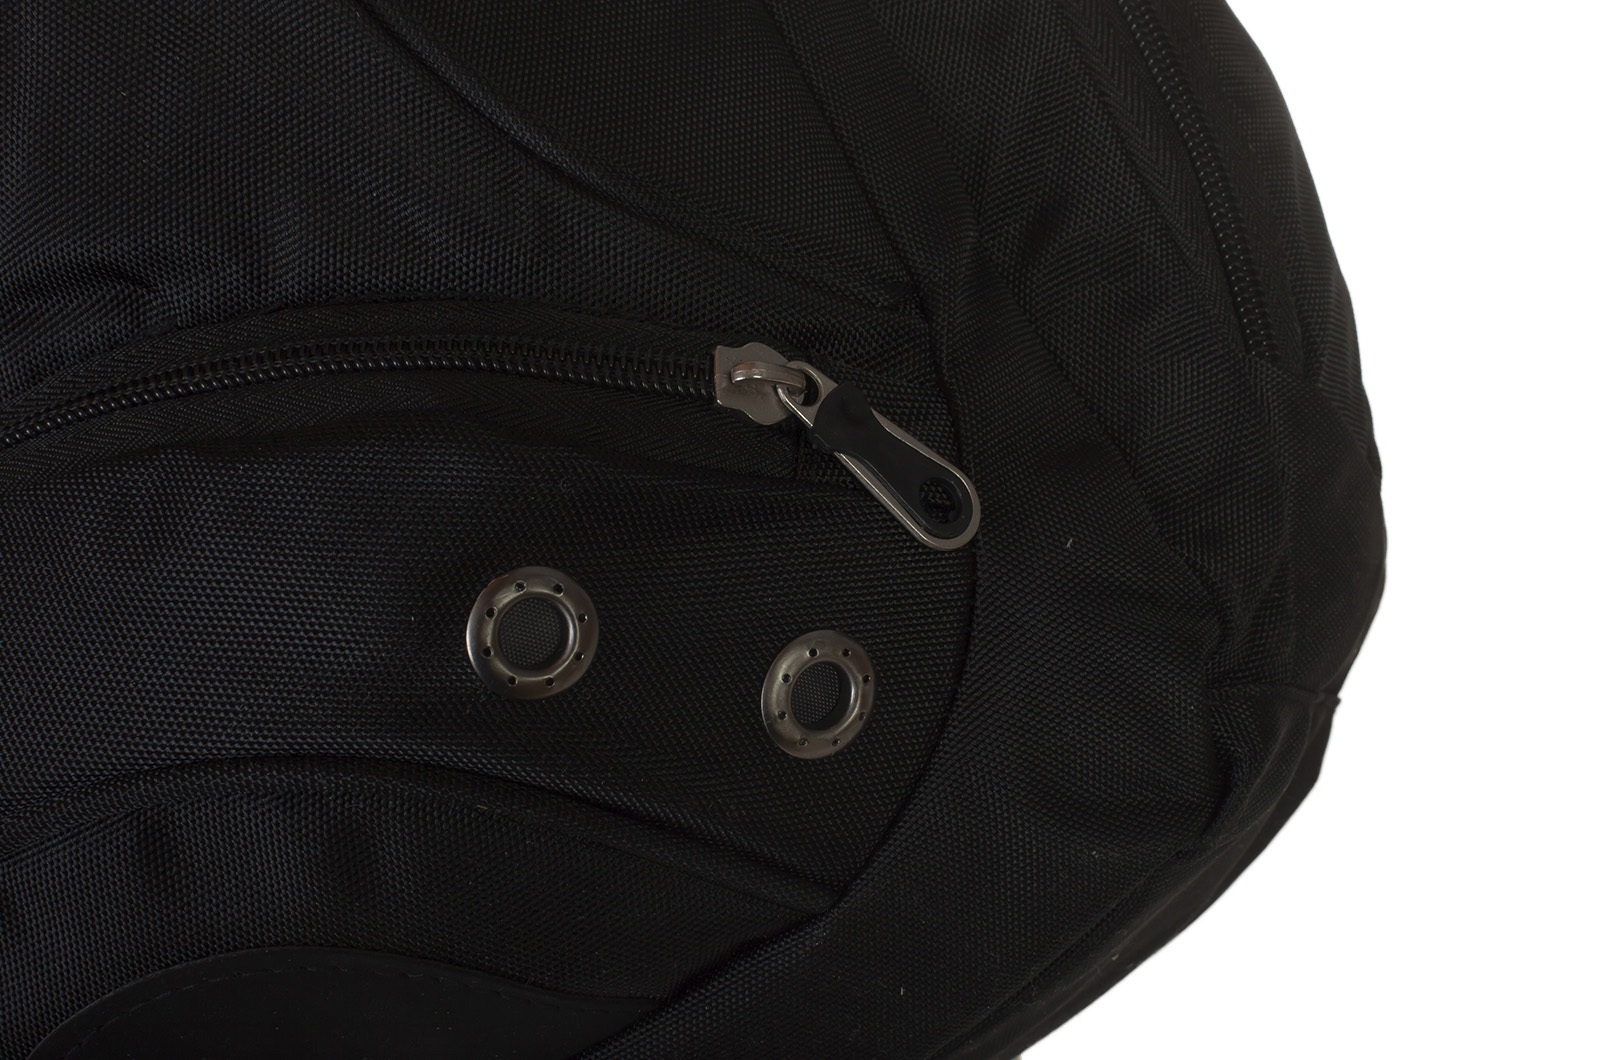 Черный рюкзак с символичным шевроном Торез Оплот Спецназ купить по лучшей цене